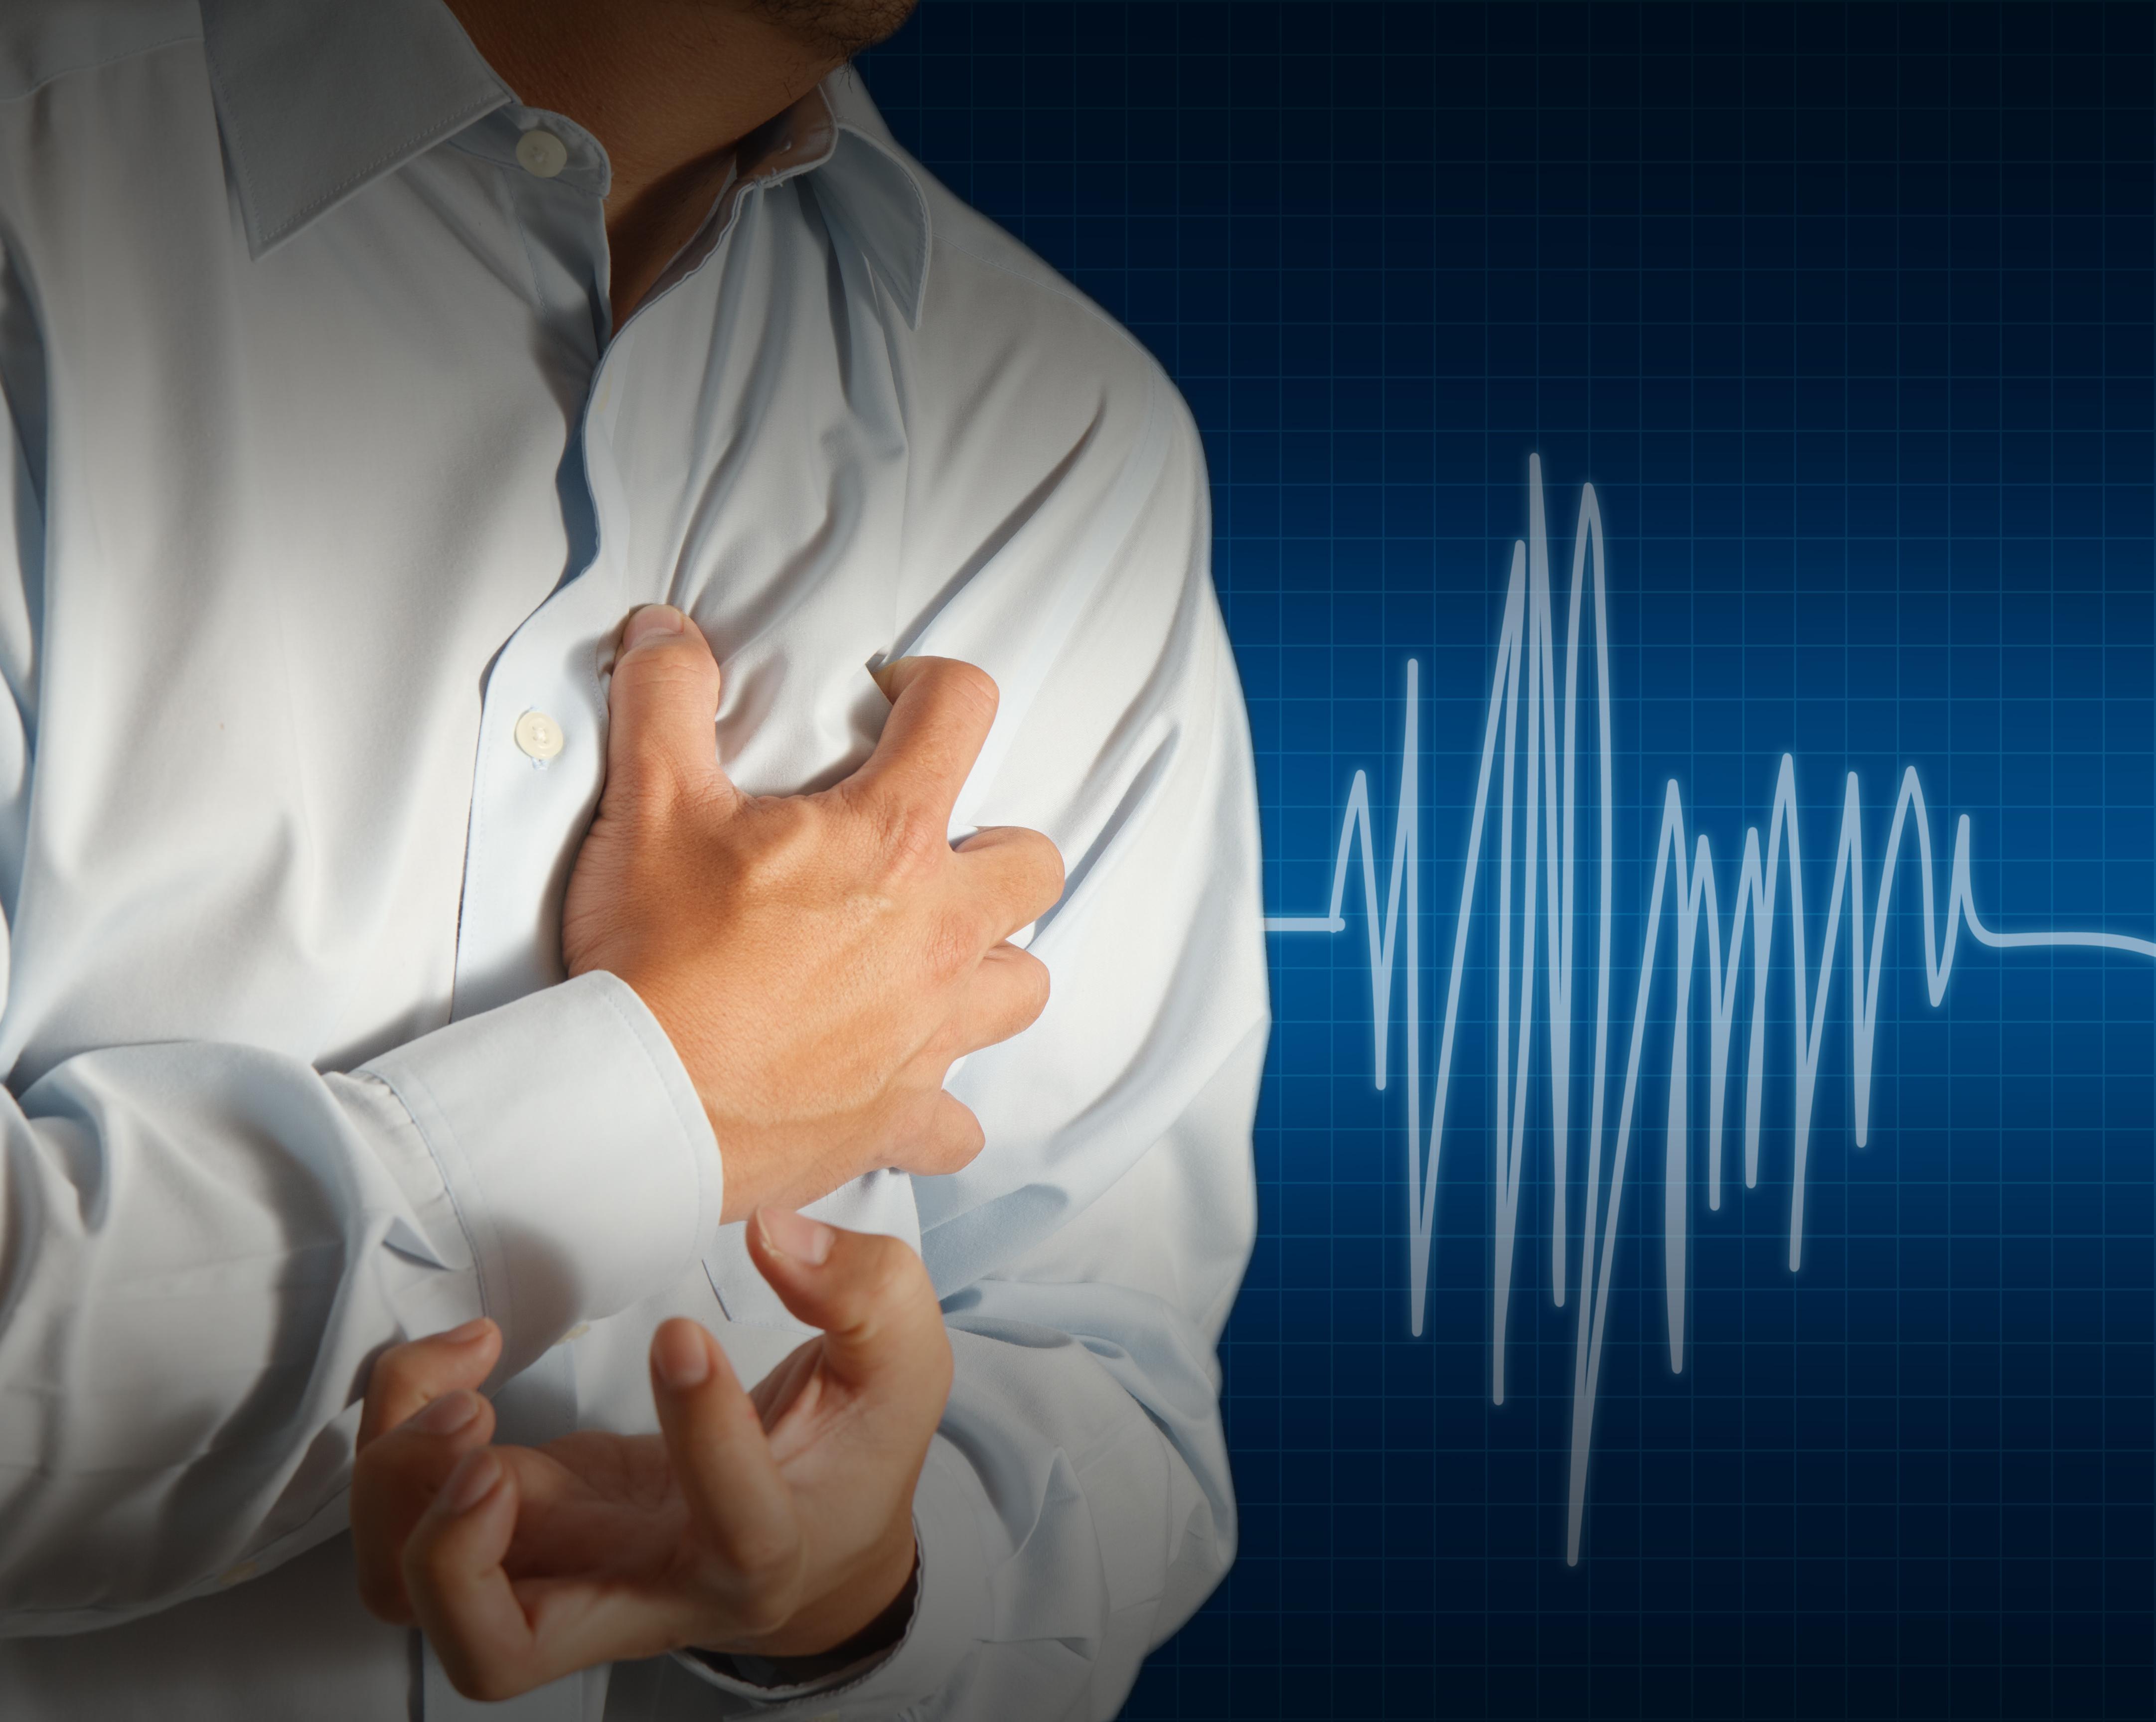 أمراض القلب من الأسباب الرئيسة لارتفاع وانخفاض ضغط الدم